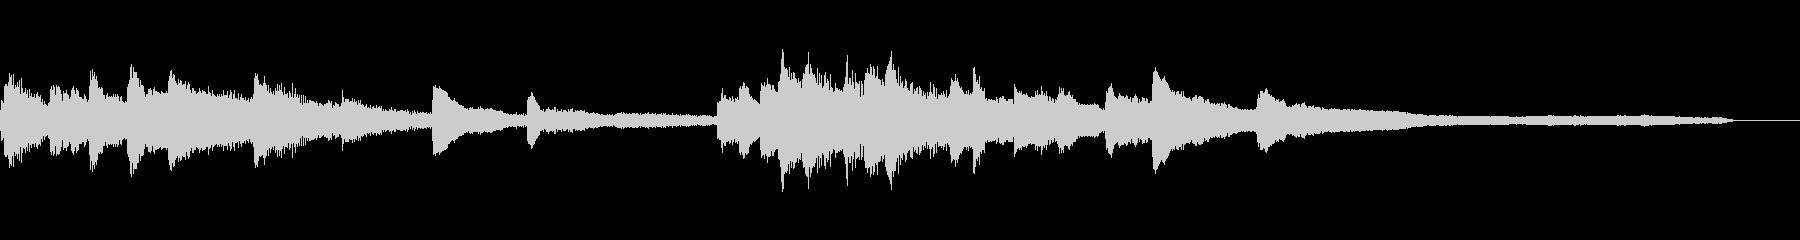 優雅な和風ジングル57-ピアノソロの未再生の波形